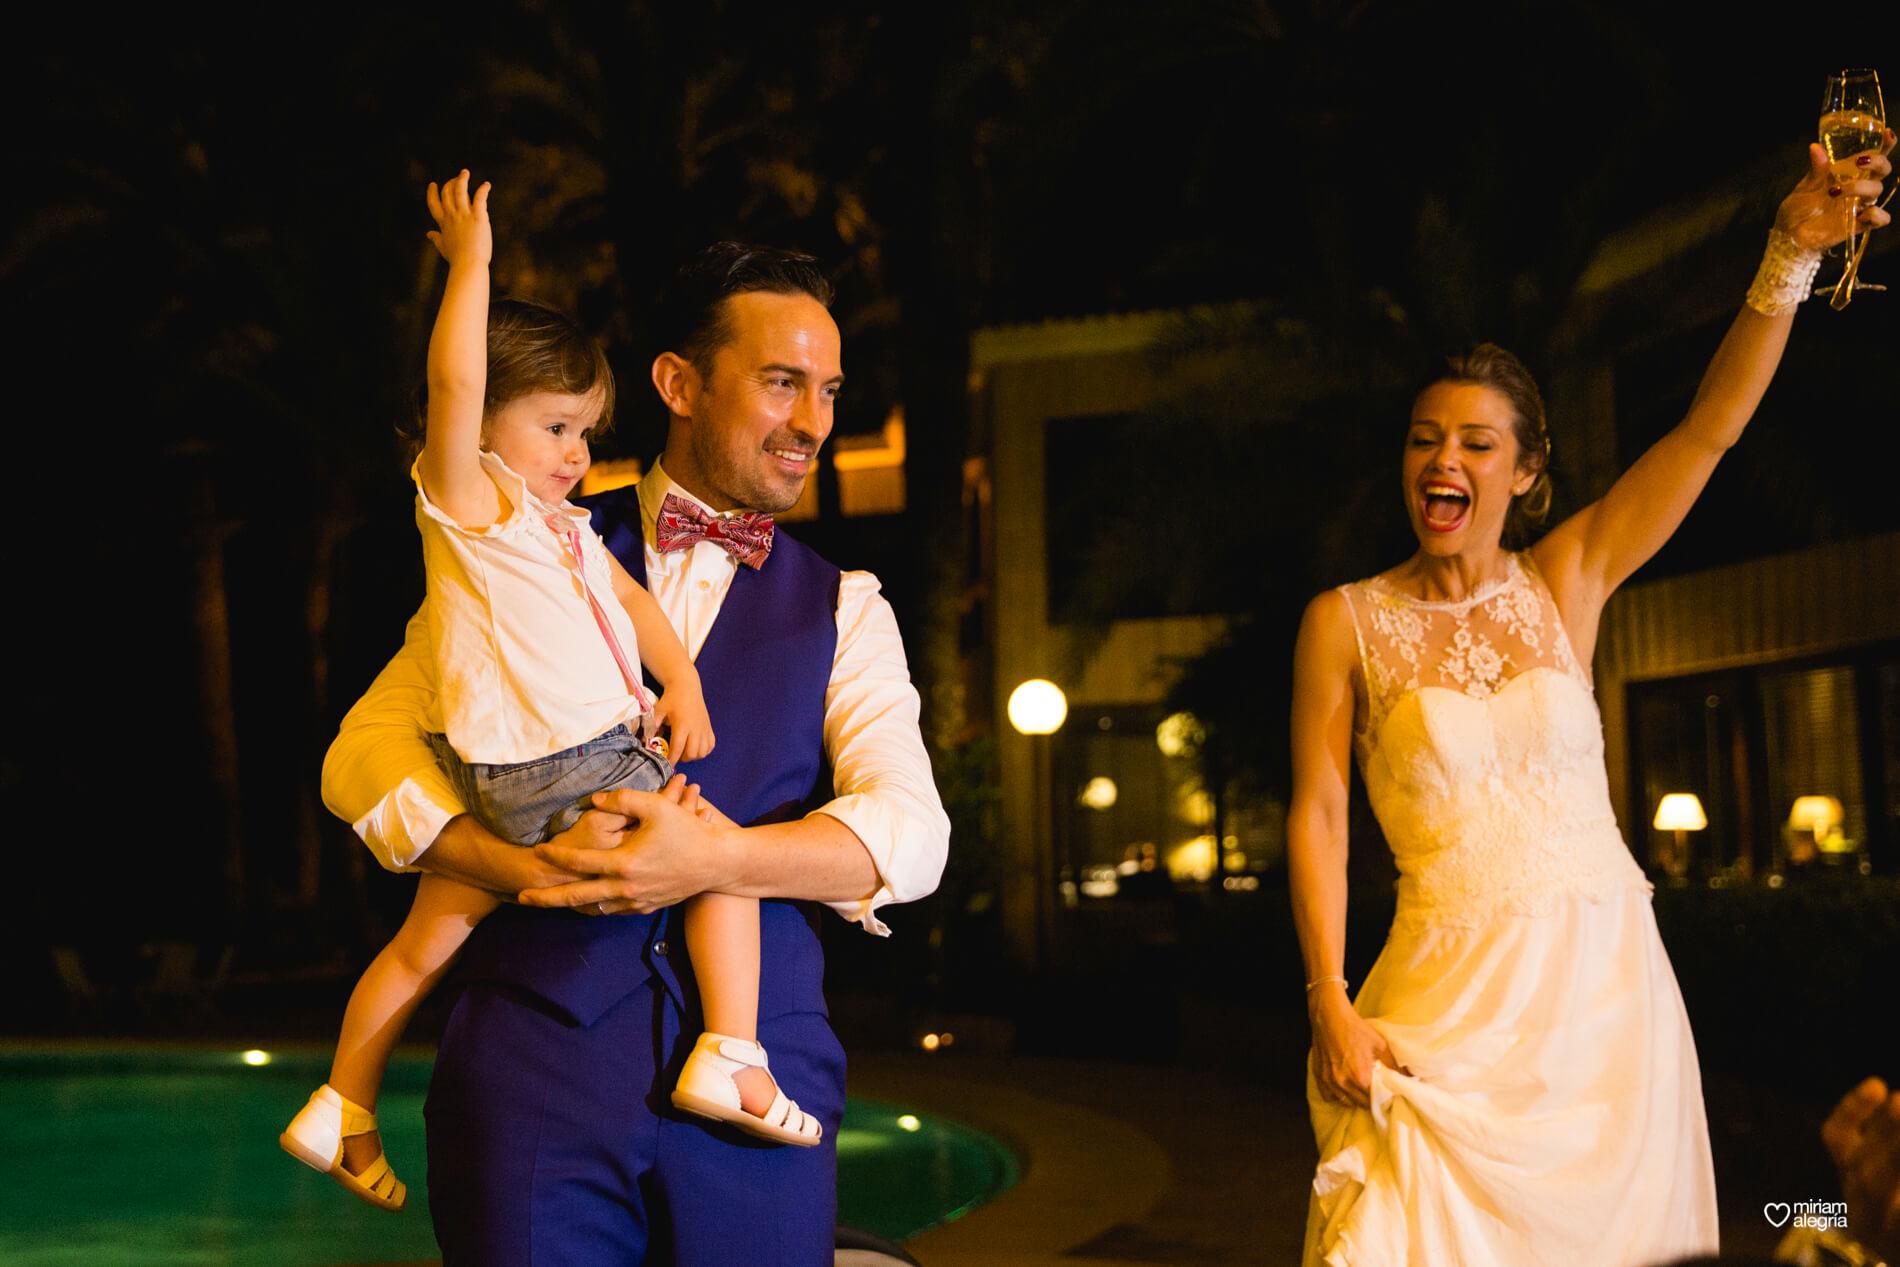 wedding-huerto-del-cura-elche-miriam-alegria-fotografos-boda-90